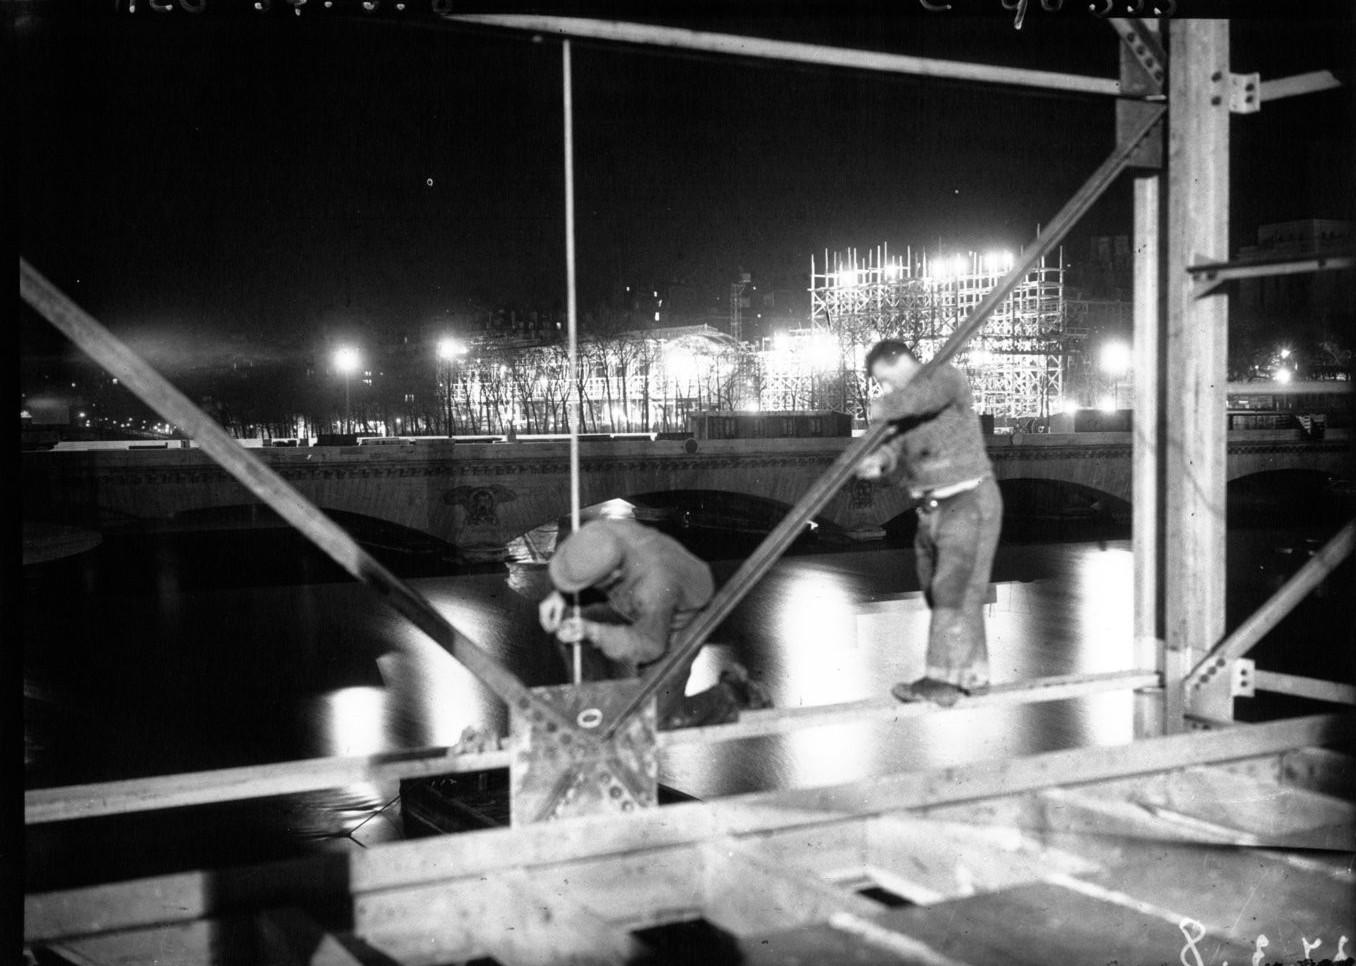 Строительство продолжается и по ночам, несмотря на наводнение